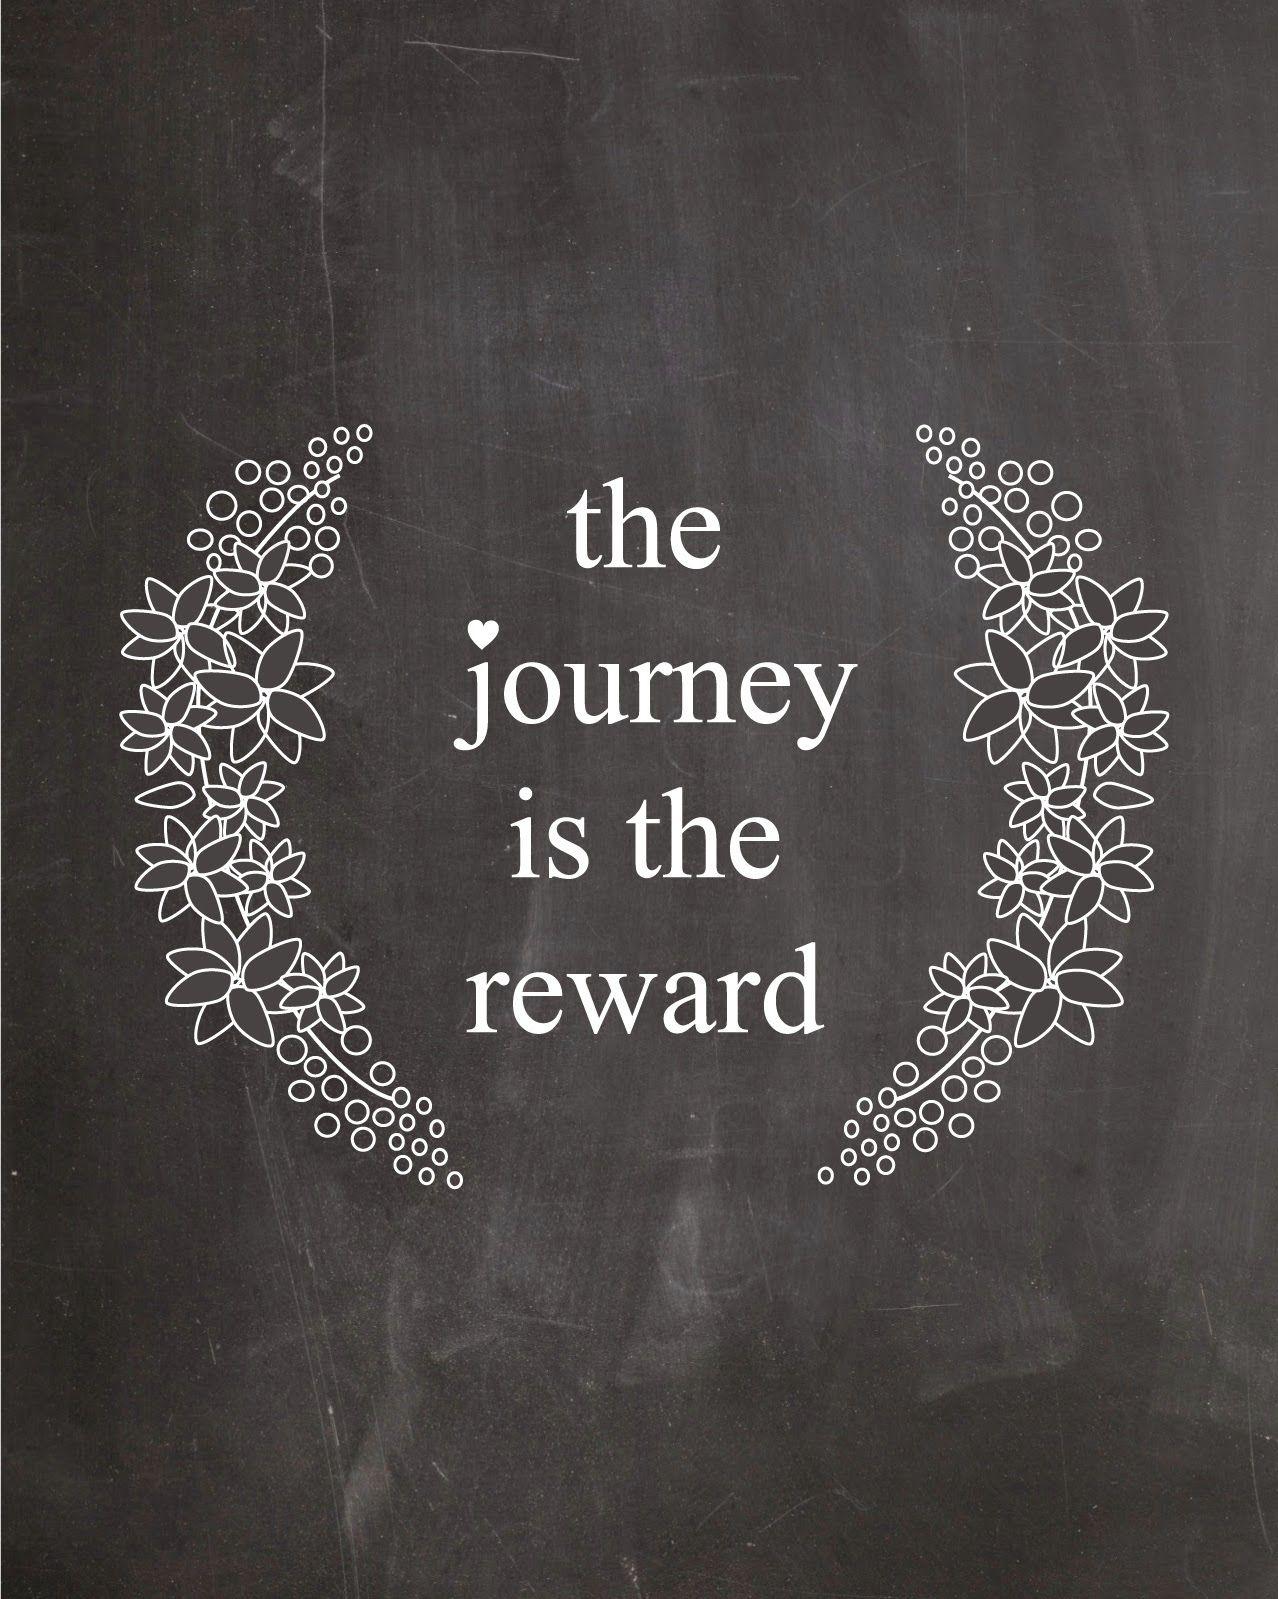 the journey is the reward via neato bonito